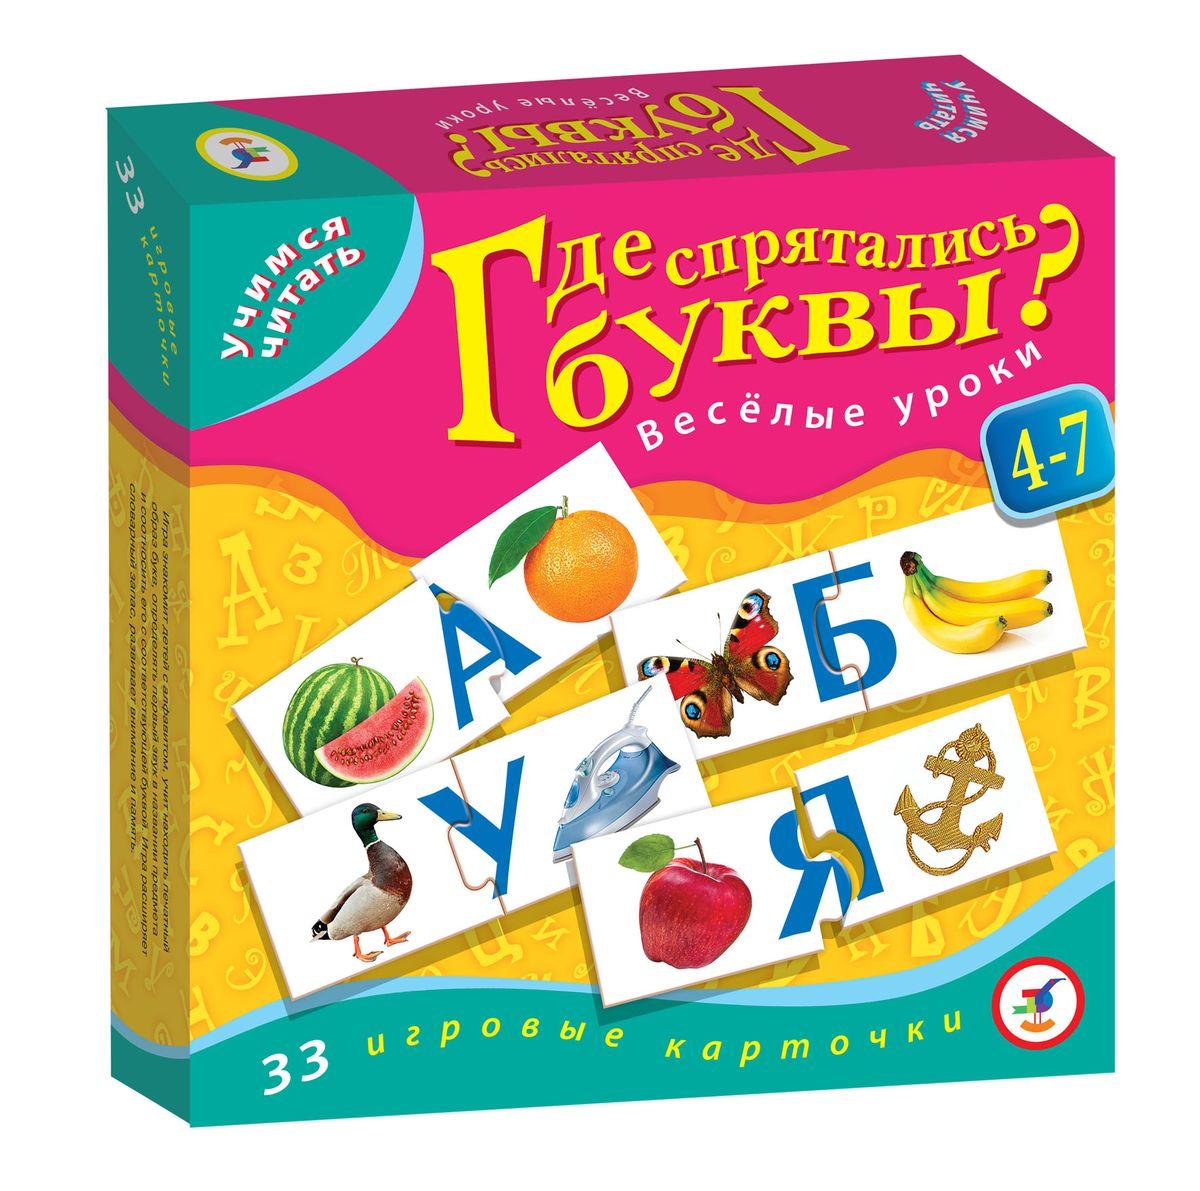 Дрофа-Медиа Обучающая игра Где спрятались буквы1072Настольная мини-игра Где спрятались буквы научит вашего ребенка буквам русского алфавита и определять первый звук в названии предмета. Задача игрока - подобрать картинки к изображению буквы и присоединить их при помощи пазлового замка. Игровые карточки выполнены из плотного картона, а значит, прослужат не один год. С этой игрой обучение превратится в весёлое развлечение. В набор входят 33 карточки с яркими картинками и правила игры на русском языке. Настольная игра развивает внимание, мелкую моторику рук, воспитывает самостоятельность, логическое мышление и умение оценивать свои действия.